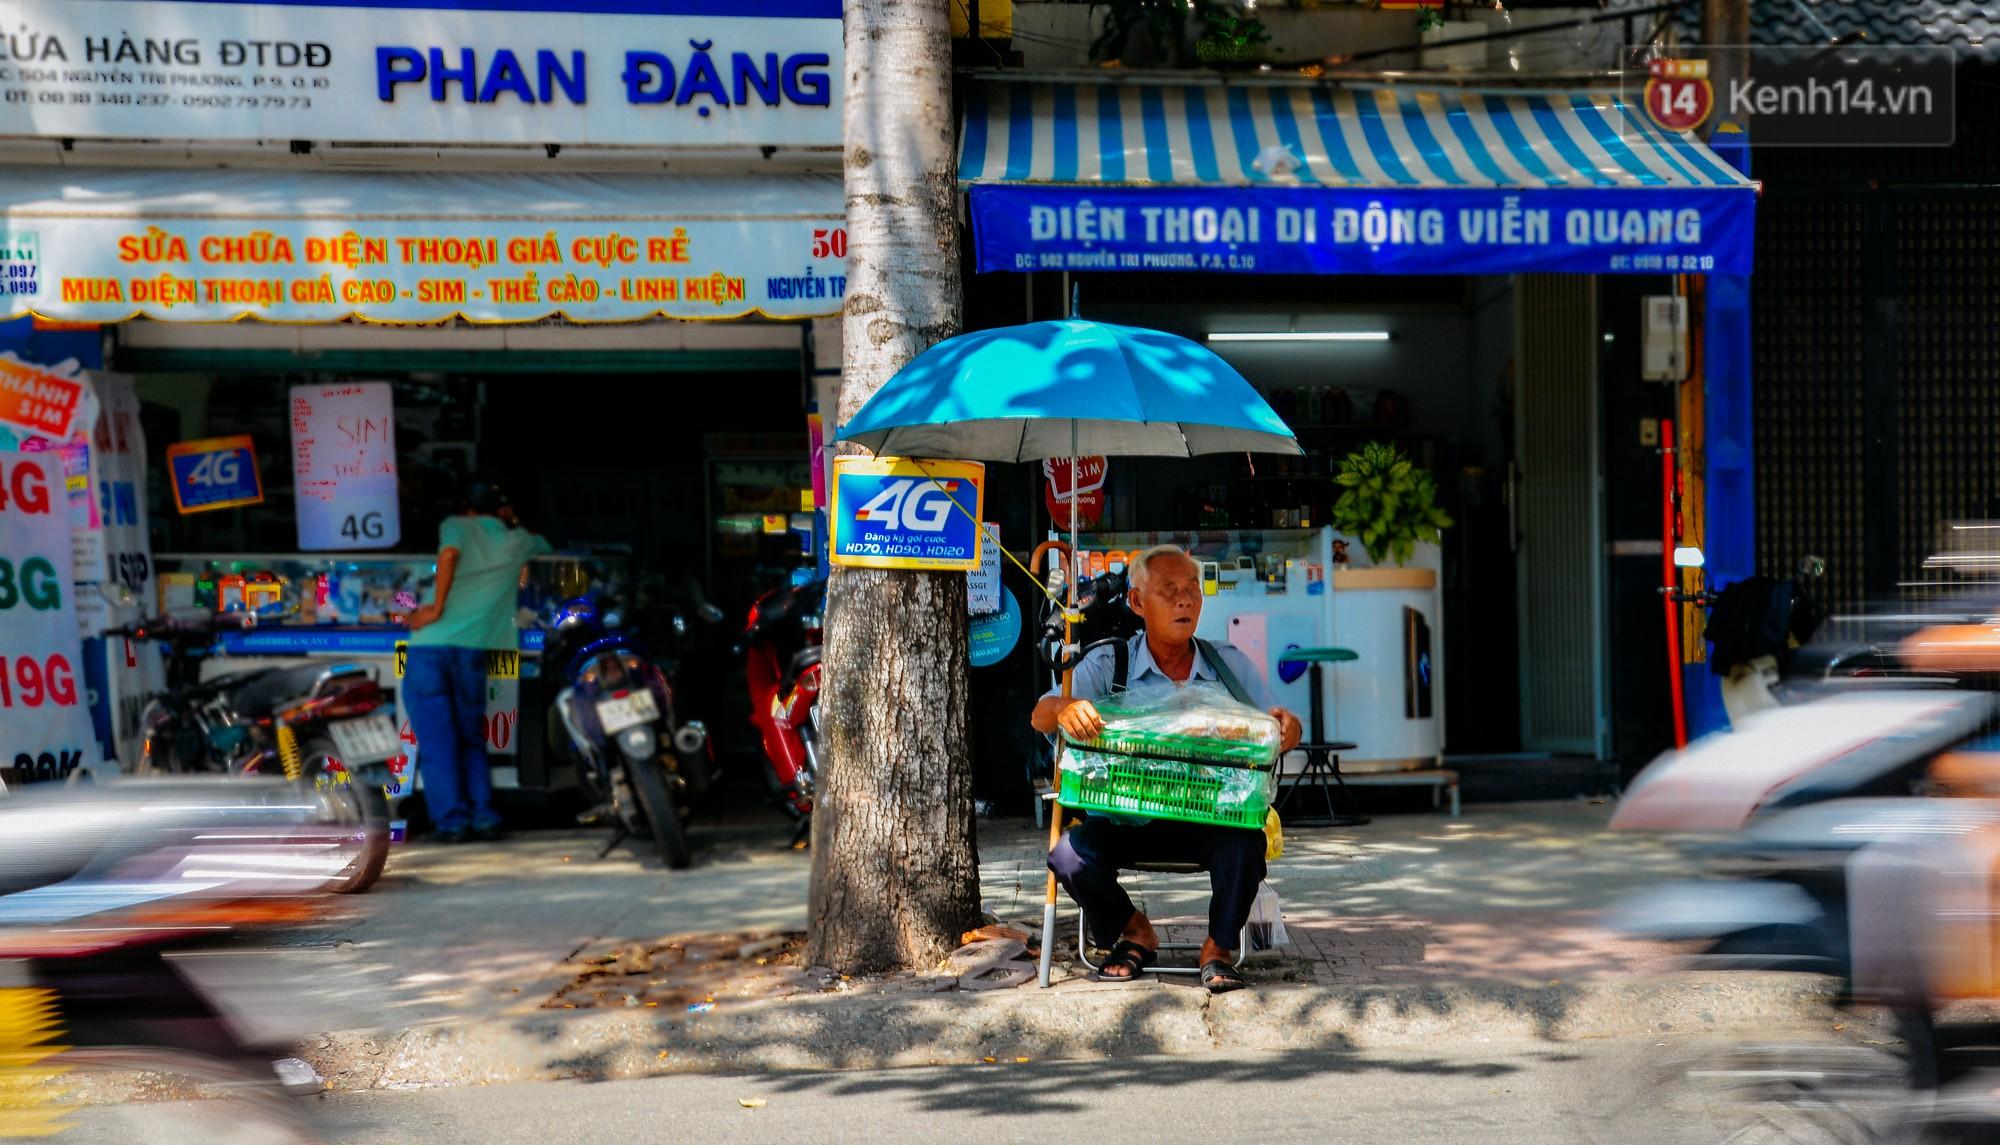 Góc đường quen thuộc ông Quang vẫn bán mỗi ngày.